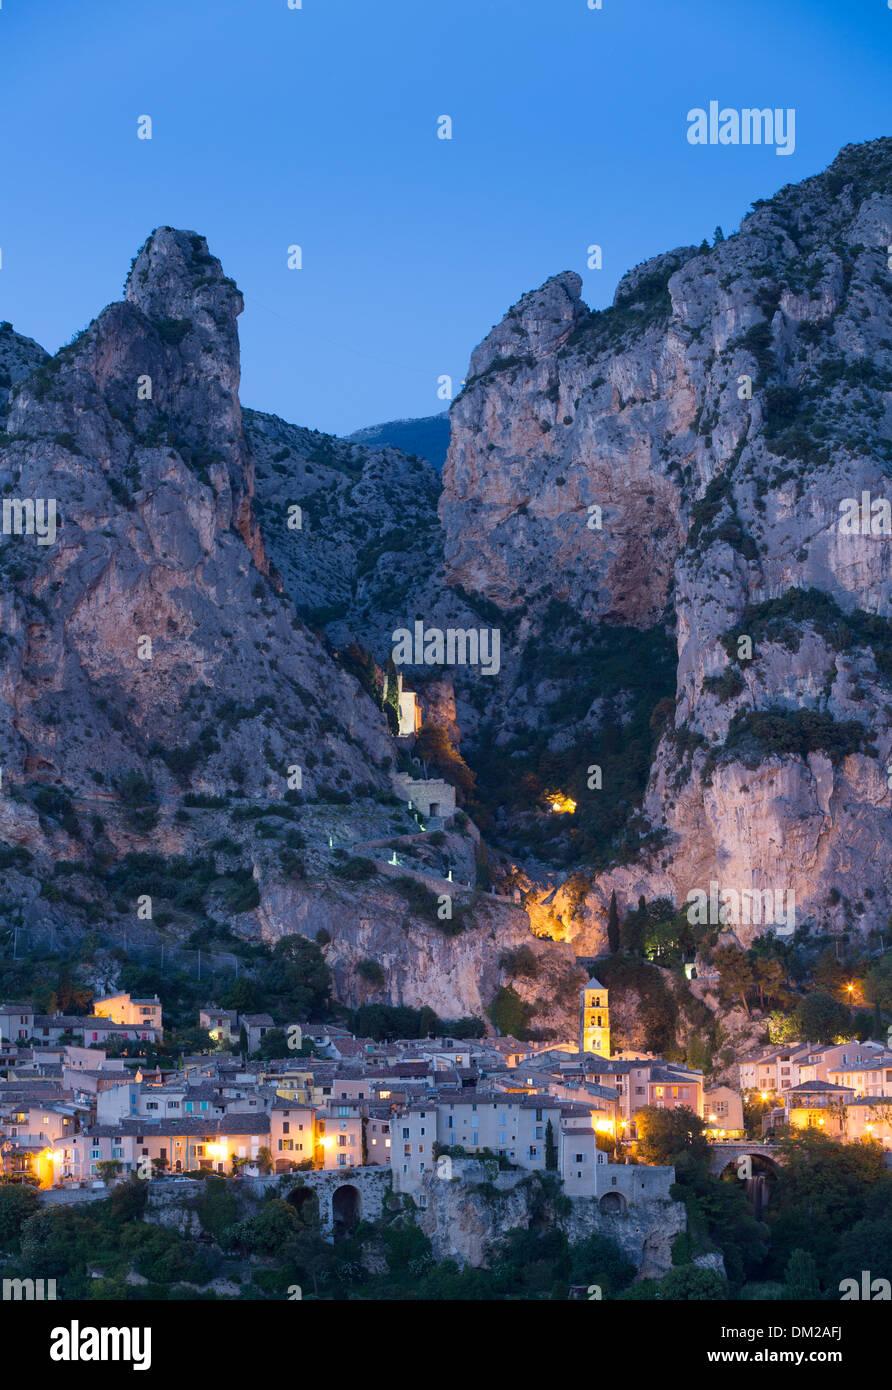 Moustiers-Sainte-Marie al anochecer, Alpes-de-Haute-Provence, Francia Imagen De Stock